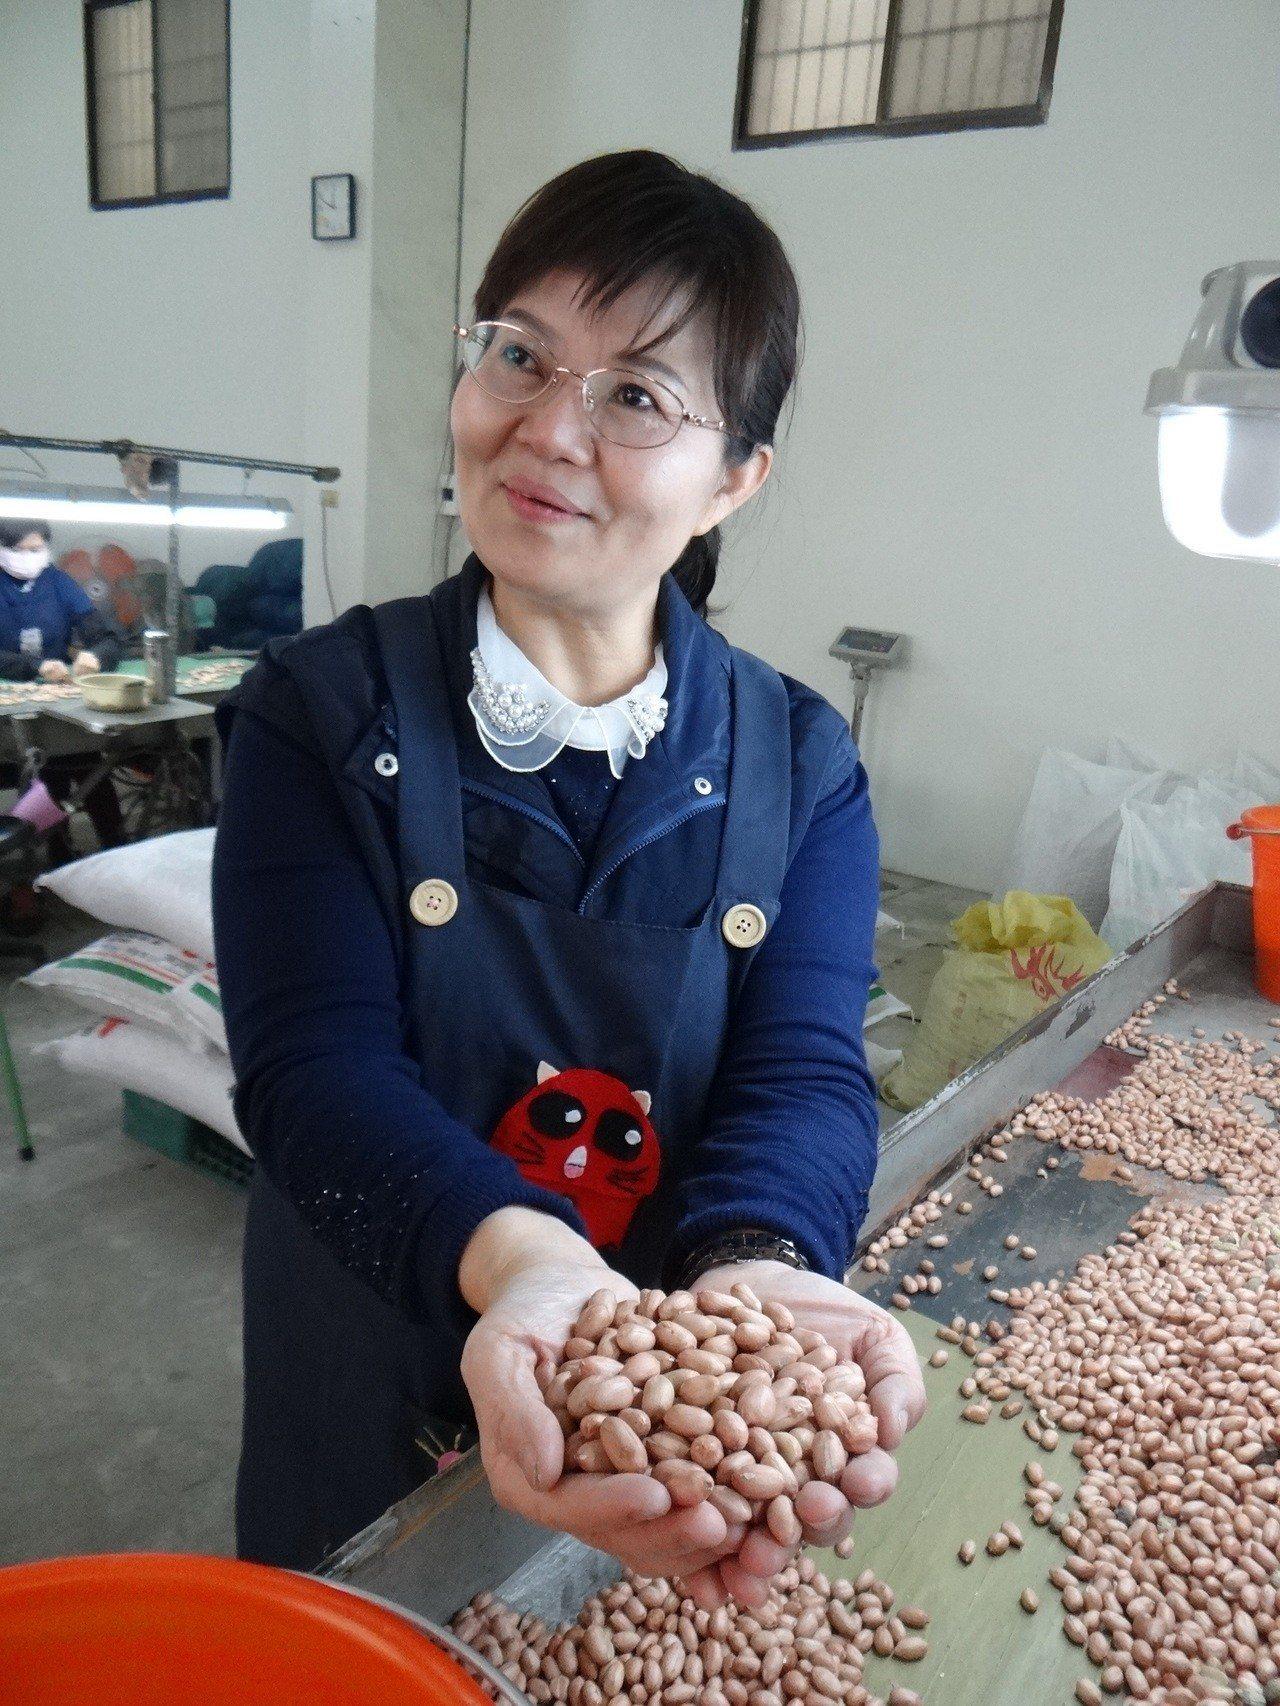 虎尾農會總幹事黃鈺惠一有空就進入工廠當工人,幫忙撿土豆,帶動員工追求嚴格品質。記...